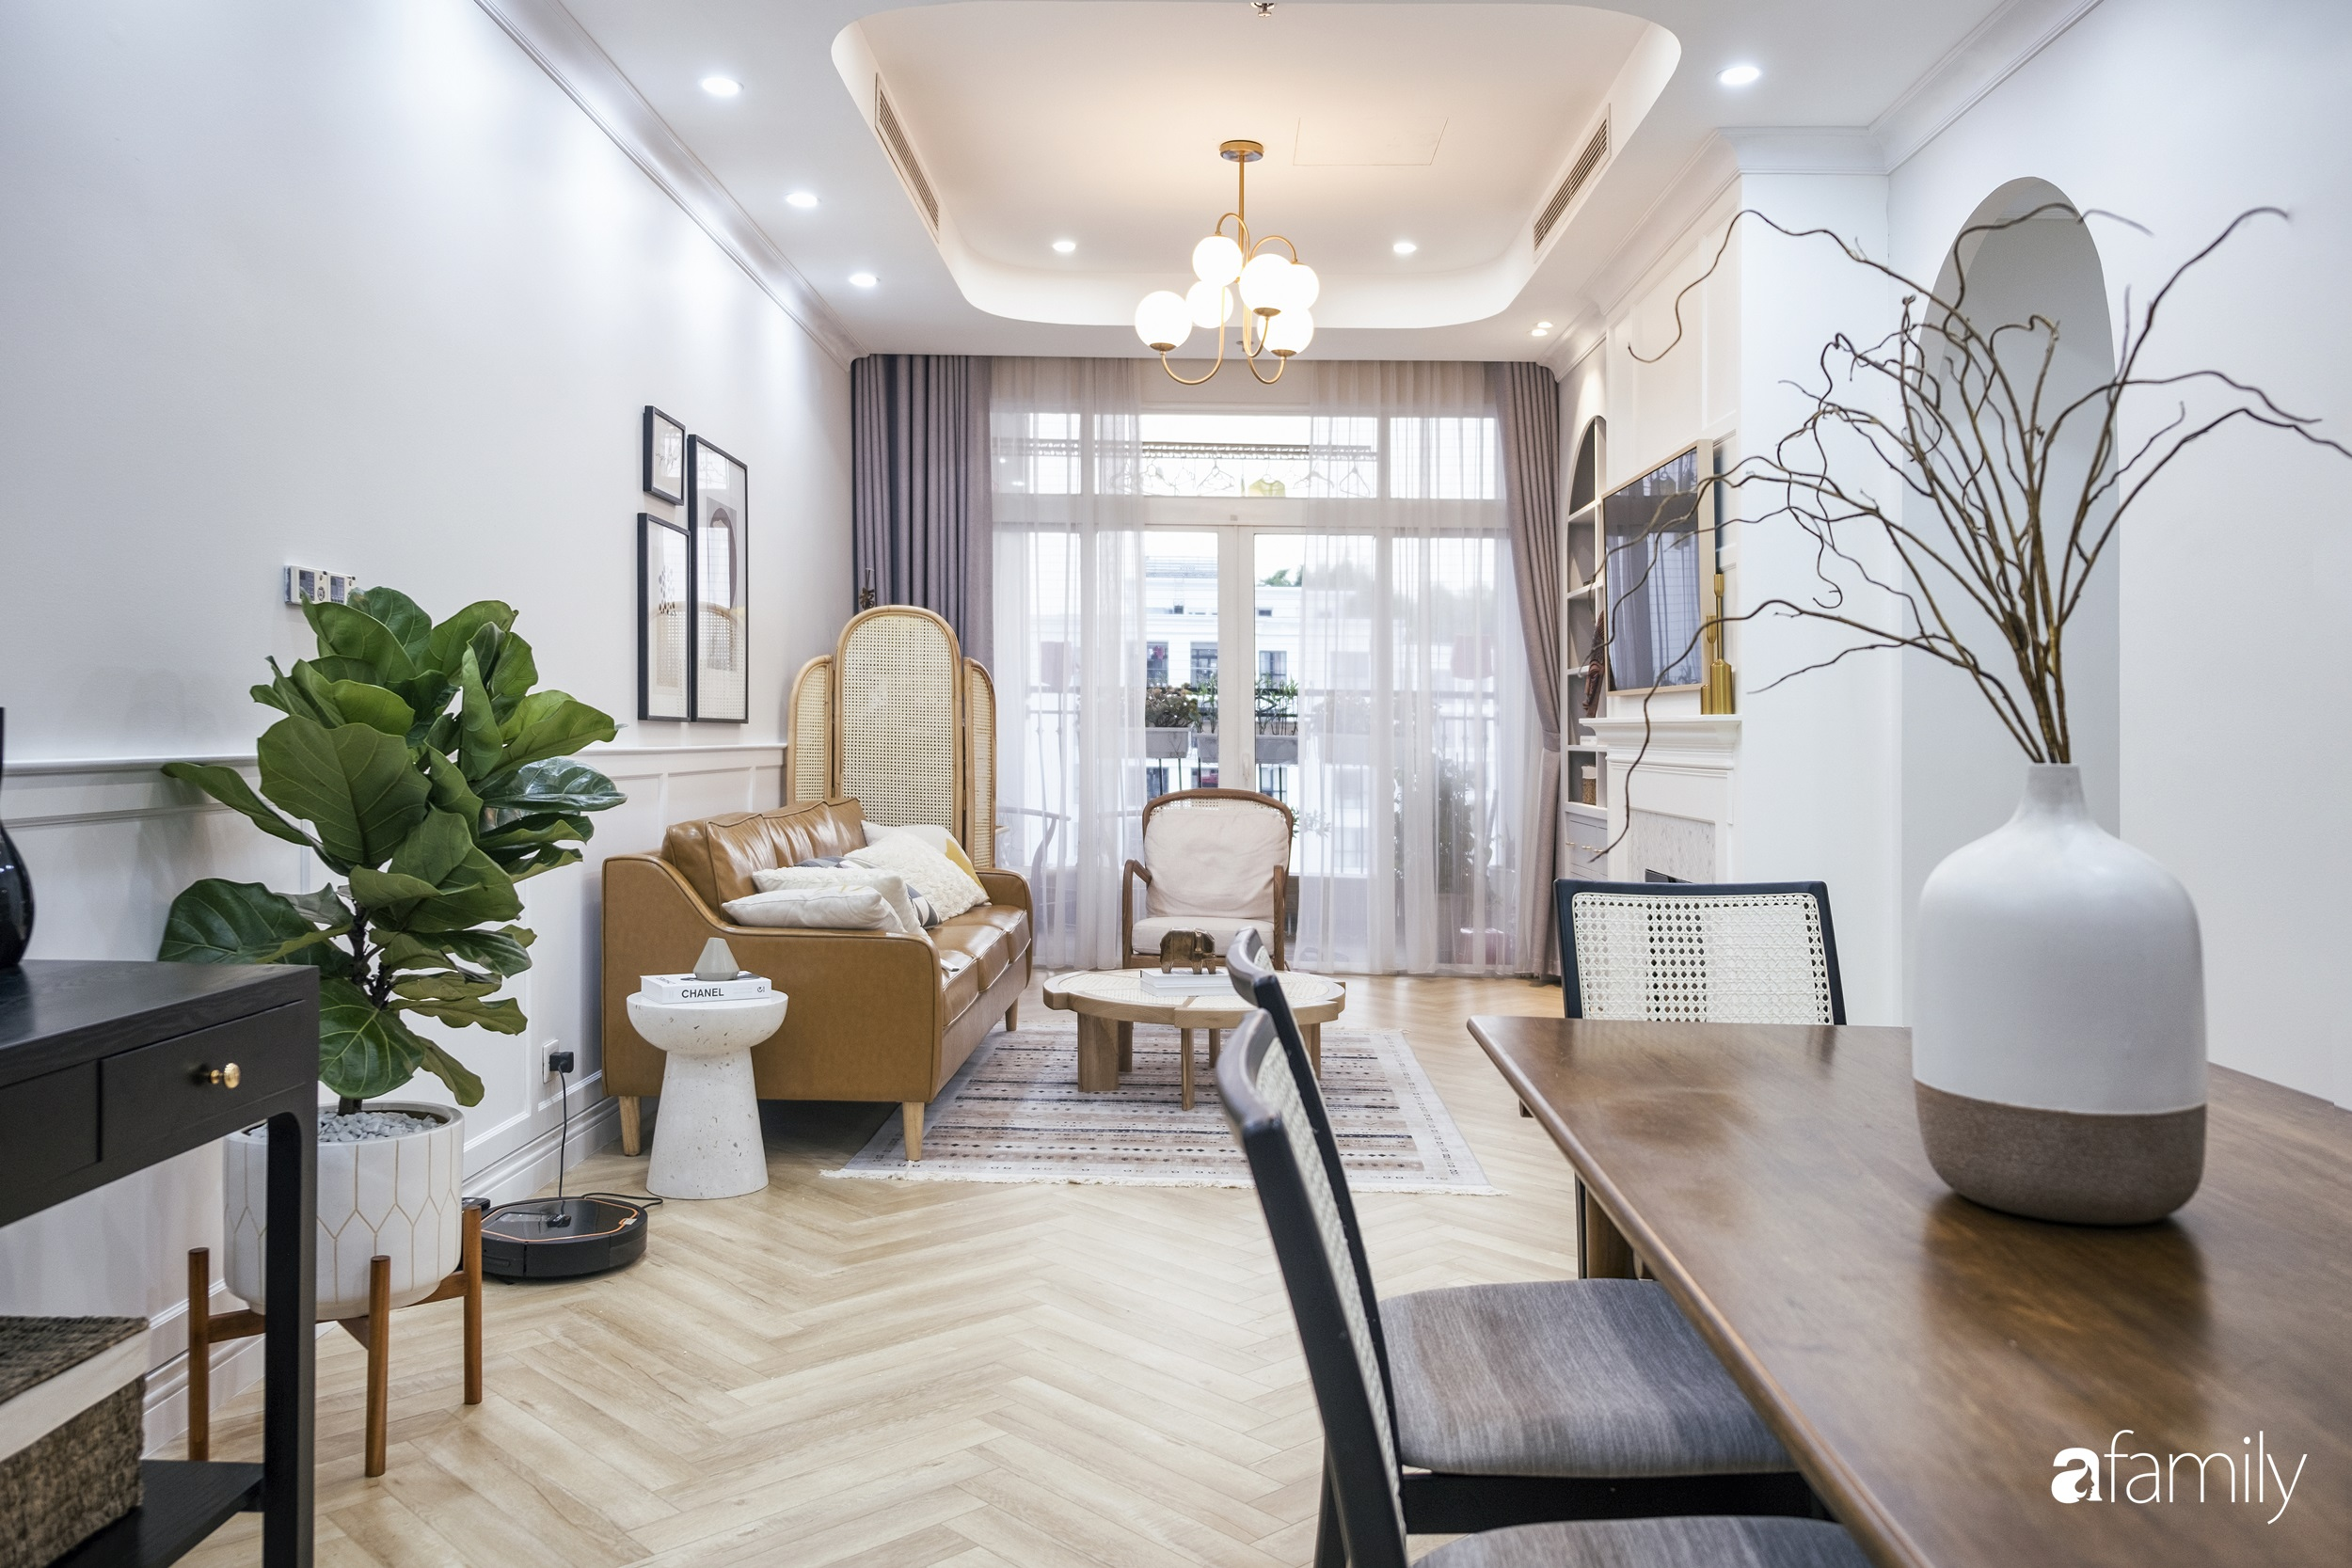 Căn hộ 120m² đẹp bình yên theo phong cách Farmhouse  có chi phí hoàn thiện 465 triệu đồng ở Hà Nội - Ảnh 1.